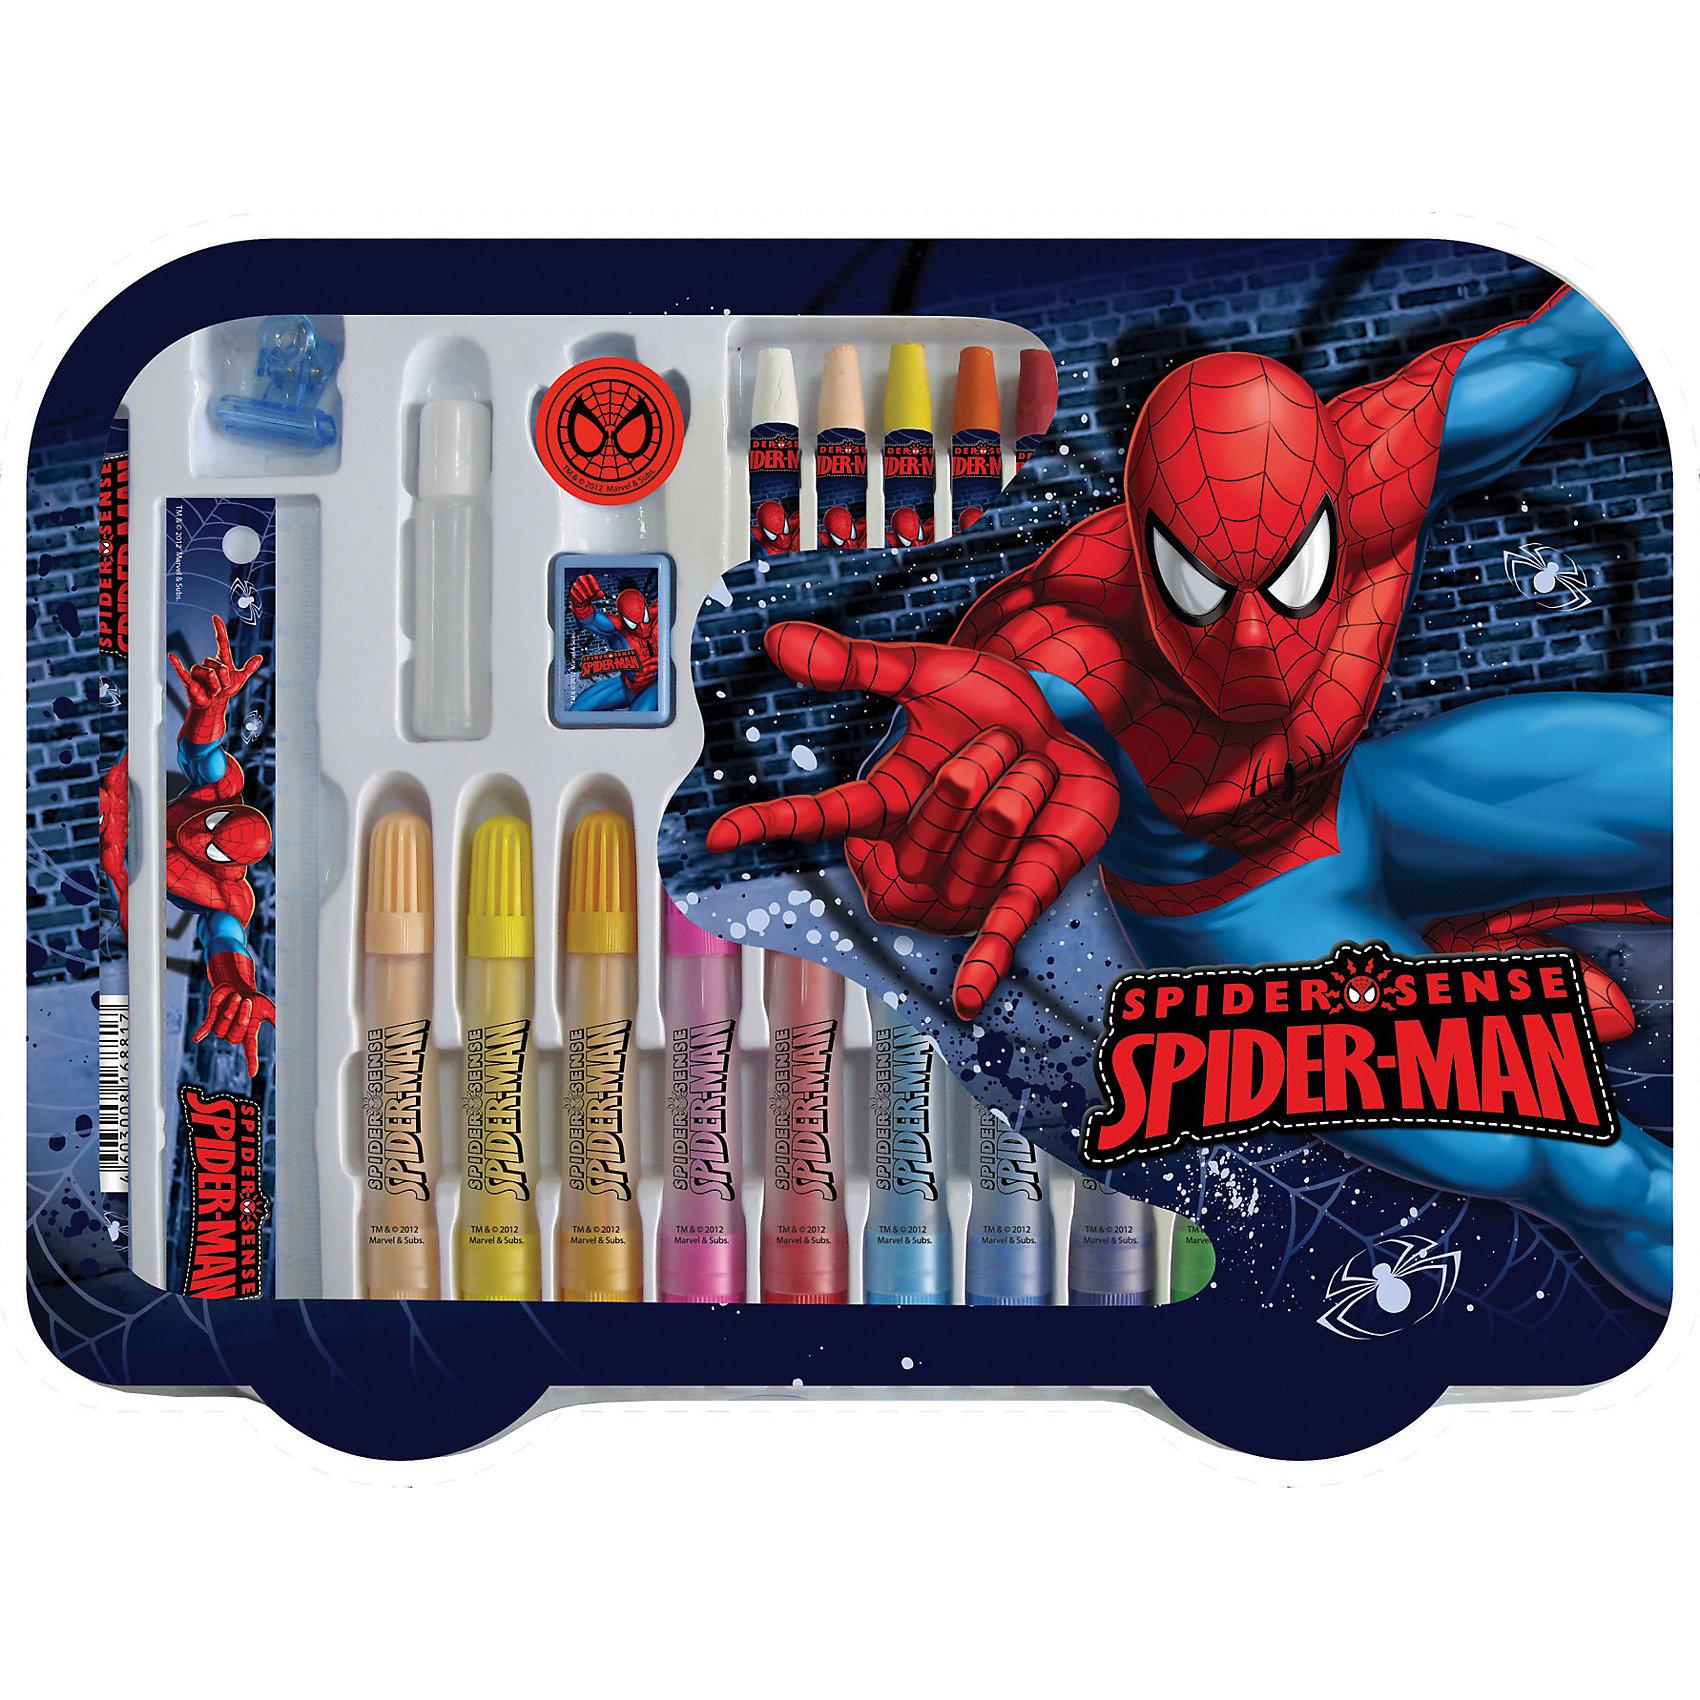 Набор для творчества Человек-Паук (30 предметов)Этот замечательны подарочный набор придется по вкусу всем поклонникам Spider-man. В нем есть все для полноценного творческого процесса, в результате которого ваша ребенок сможет развить моторику рук, цветовосприятие, воображение и творческие способности. <br><br>Дополнительная информация:<br><br>- Материал: дерево, пластик, воск, бумага, картон.<br>- Комплектация: простой карандаш (1шт), линейка 15см (1шт), зажим (1шт), клей (1шт), ластик (1шт), точилка (1шт), пастельные мелки (12шт), фломастеры (12шт). <br>- Размер упаковки: 25 х 33  см. <br><br>Набор для творчества Человек-Паук (30 предметов) можно купить в нашем магазине.<br><br>Ширина мм: 330<br>Глубина мм: 250<br>Высота мм: 25<br>Вес г: 439<br>Возраст от месяцев: 48<br>Возраст до месяцев: 84<br>Пол: Мужской<br>Возраст: Детский<br>SKU: 4319928